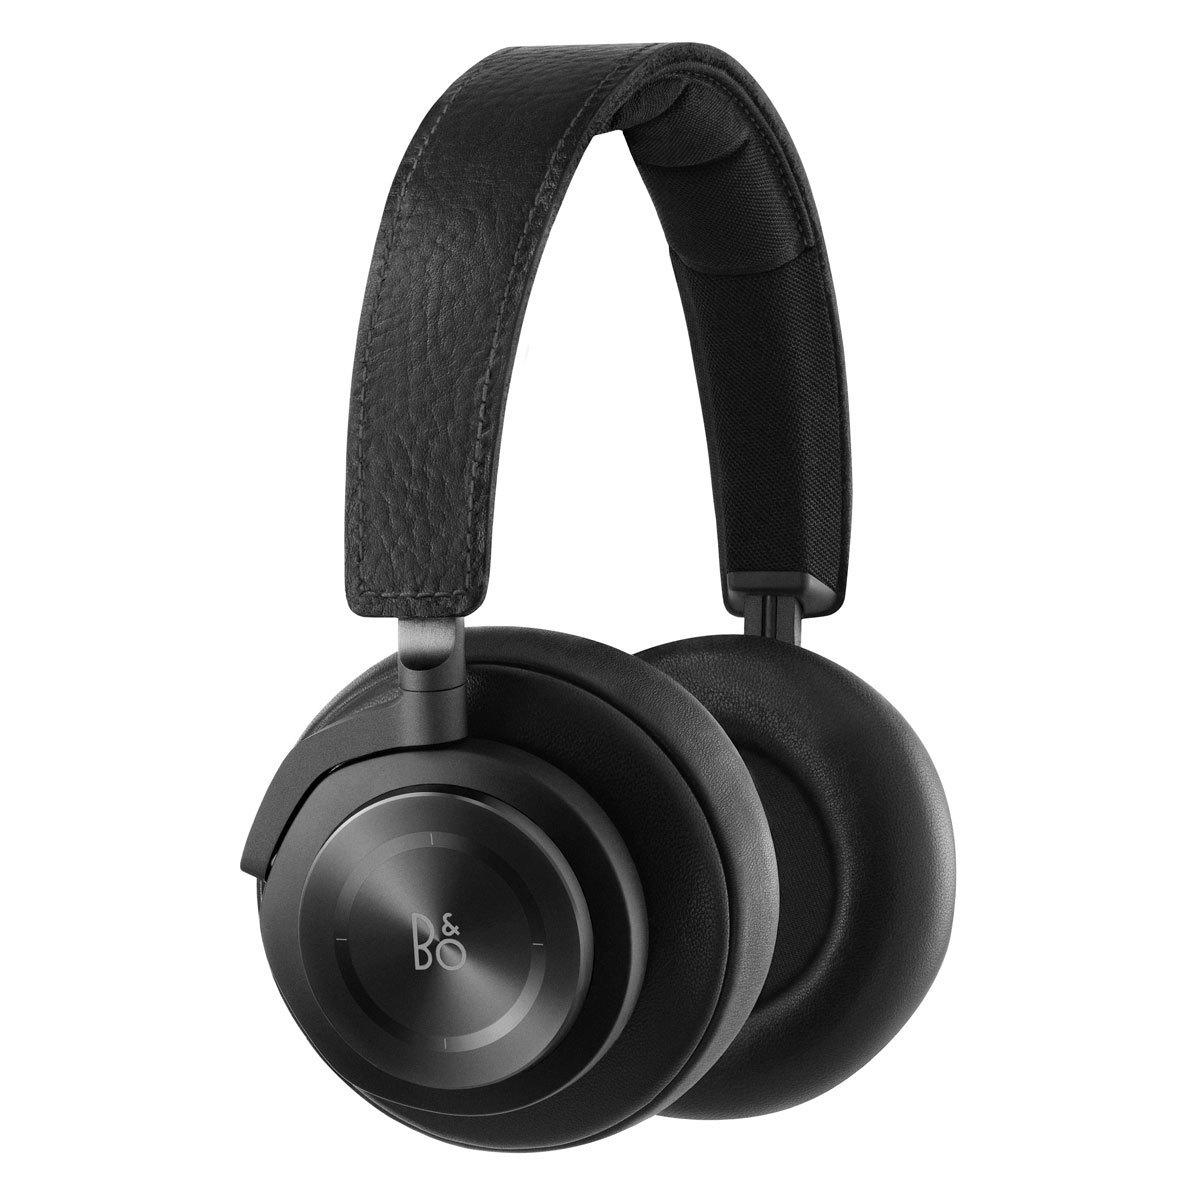 B&O BeoPlay H7 Over Ear Heaphone in Black £119.89 @ Costco